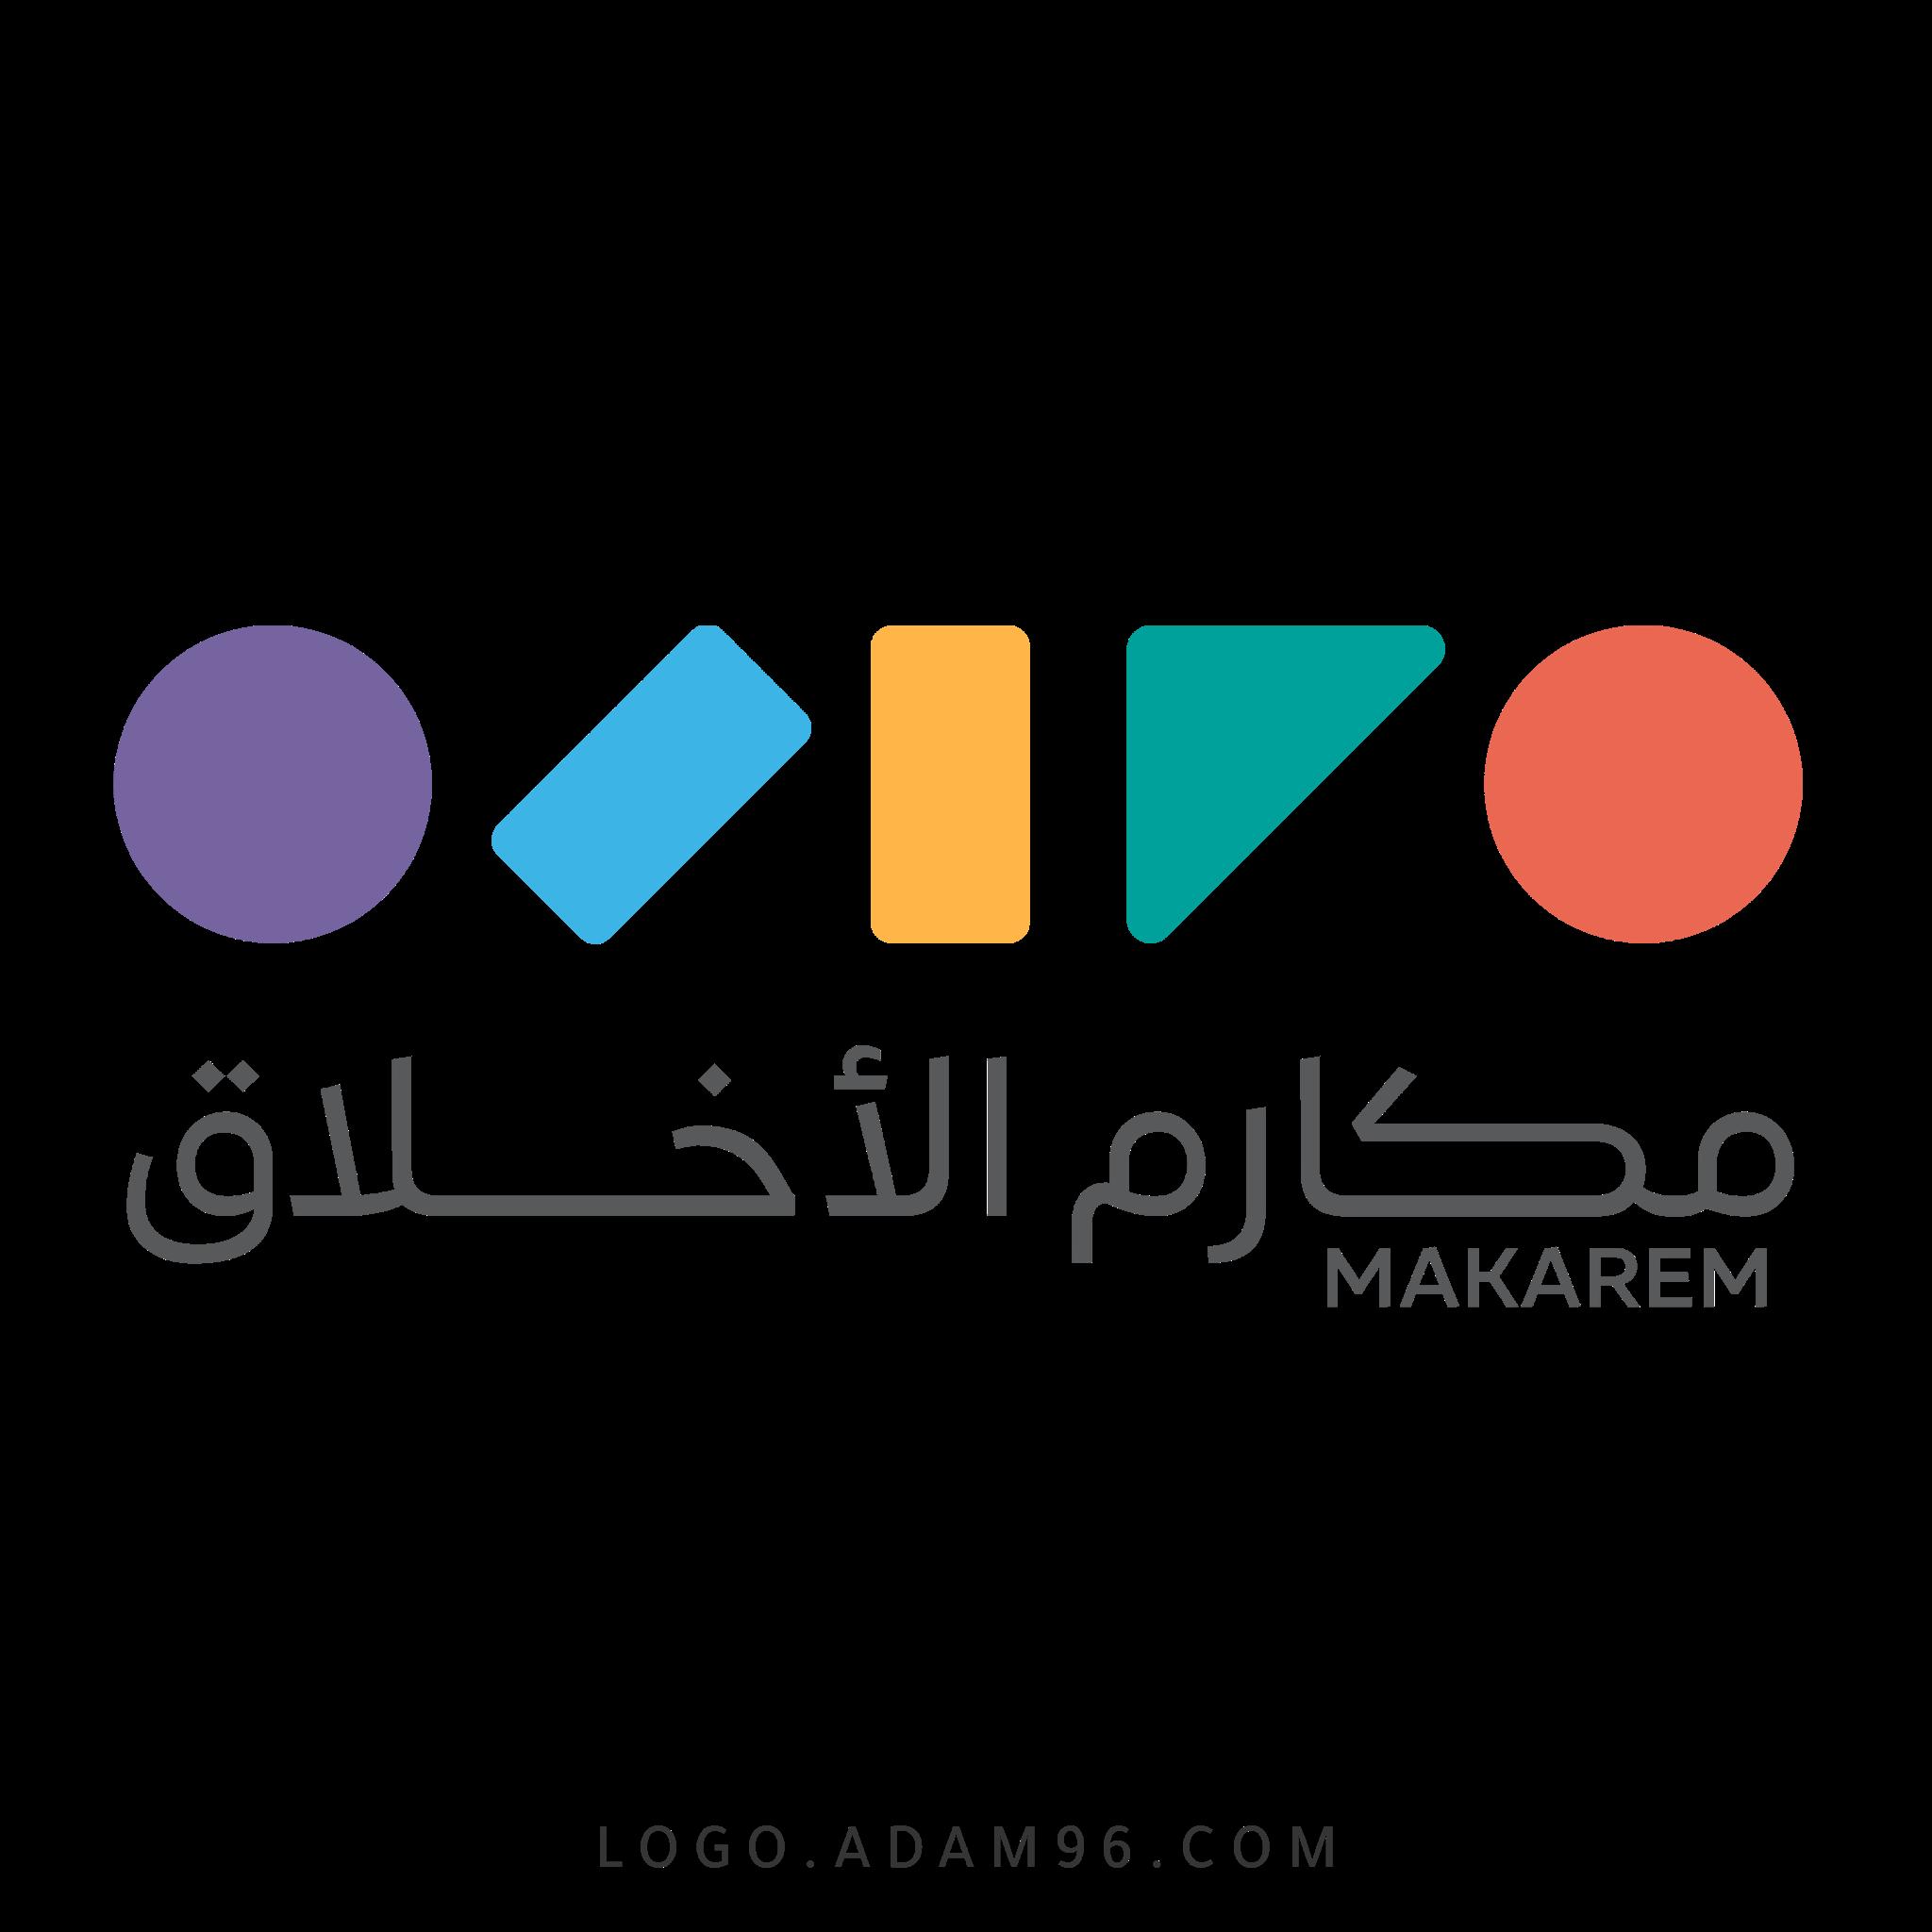 تحميل شعار جمعية مكارم الأخلاق لوجو عالي الجودة PNG - شعارات جمعيات